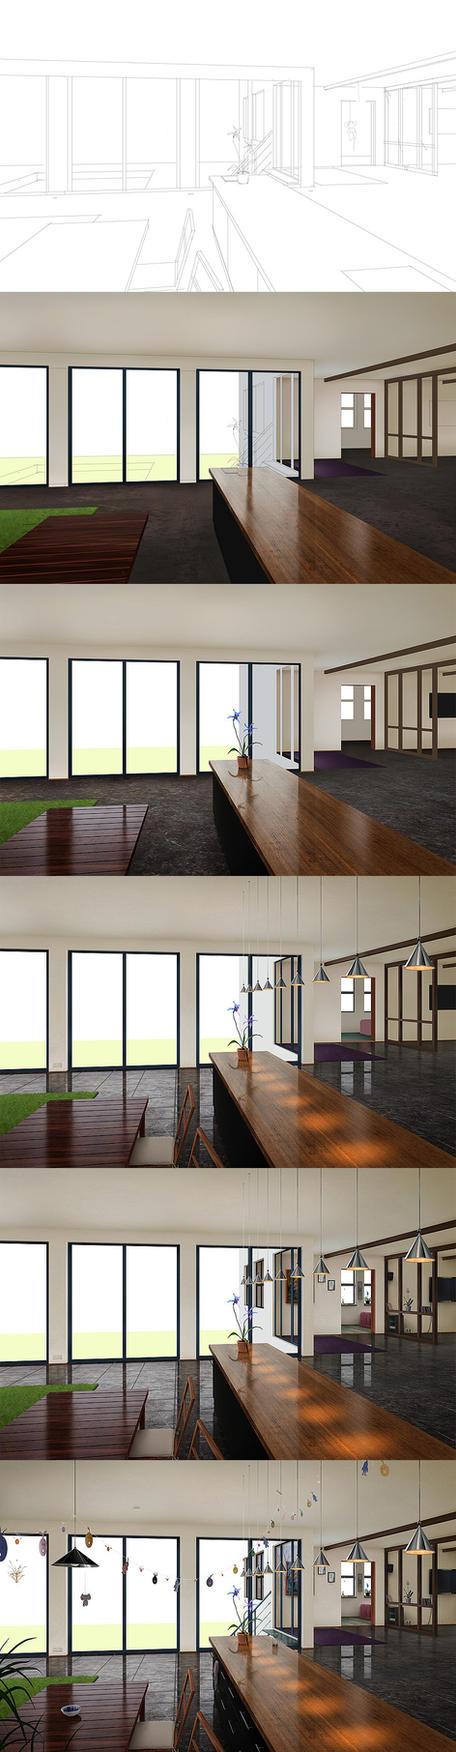 Livingroom - Steps by algenpfleger